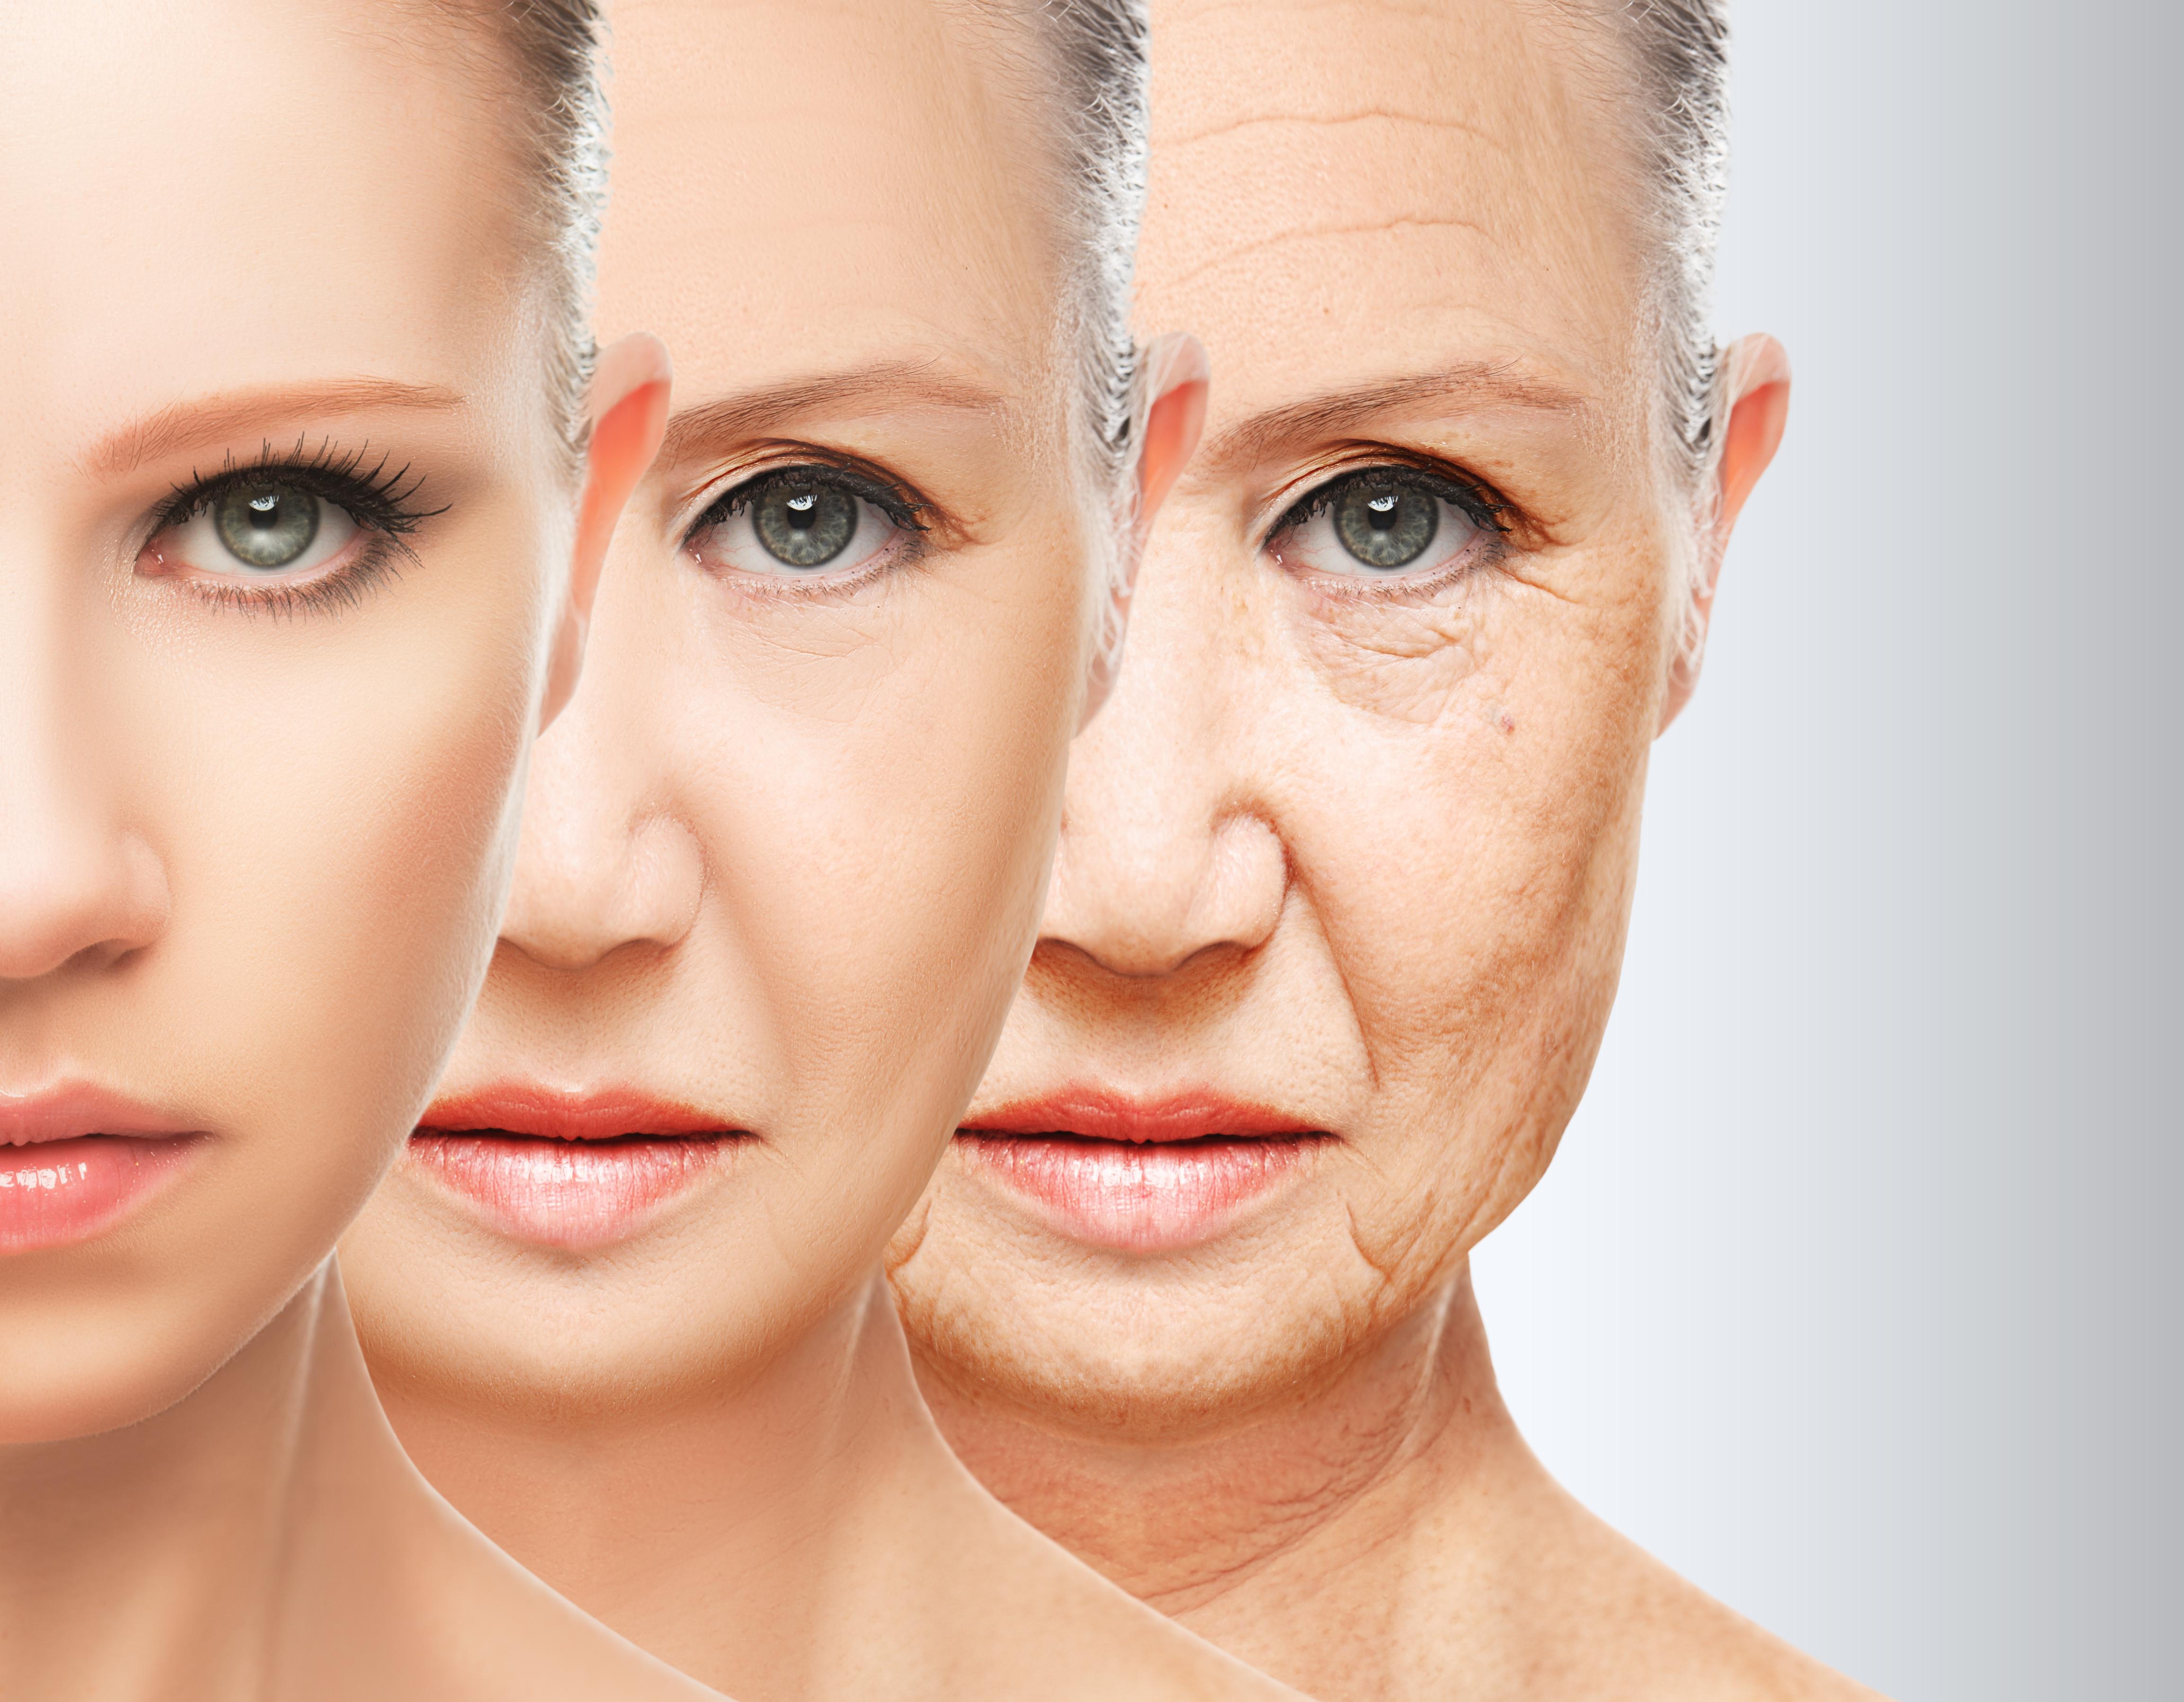 Các Phương pháp căng da mặt phổ biến hiện nay